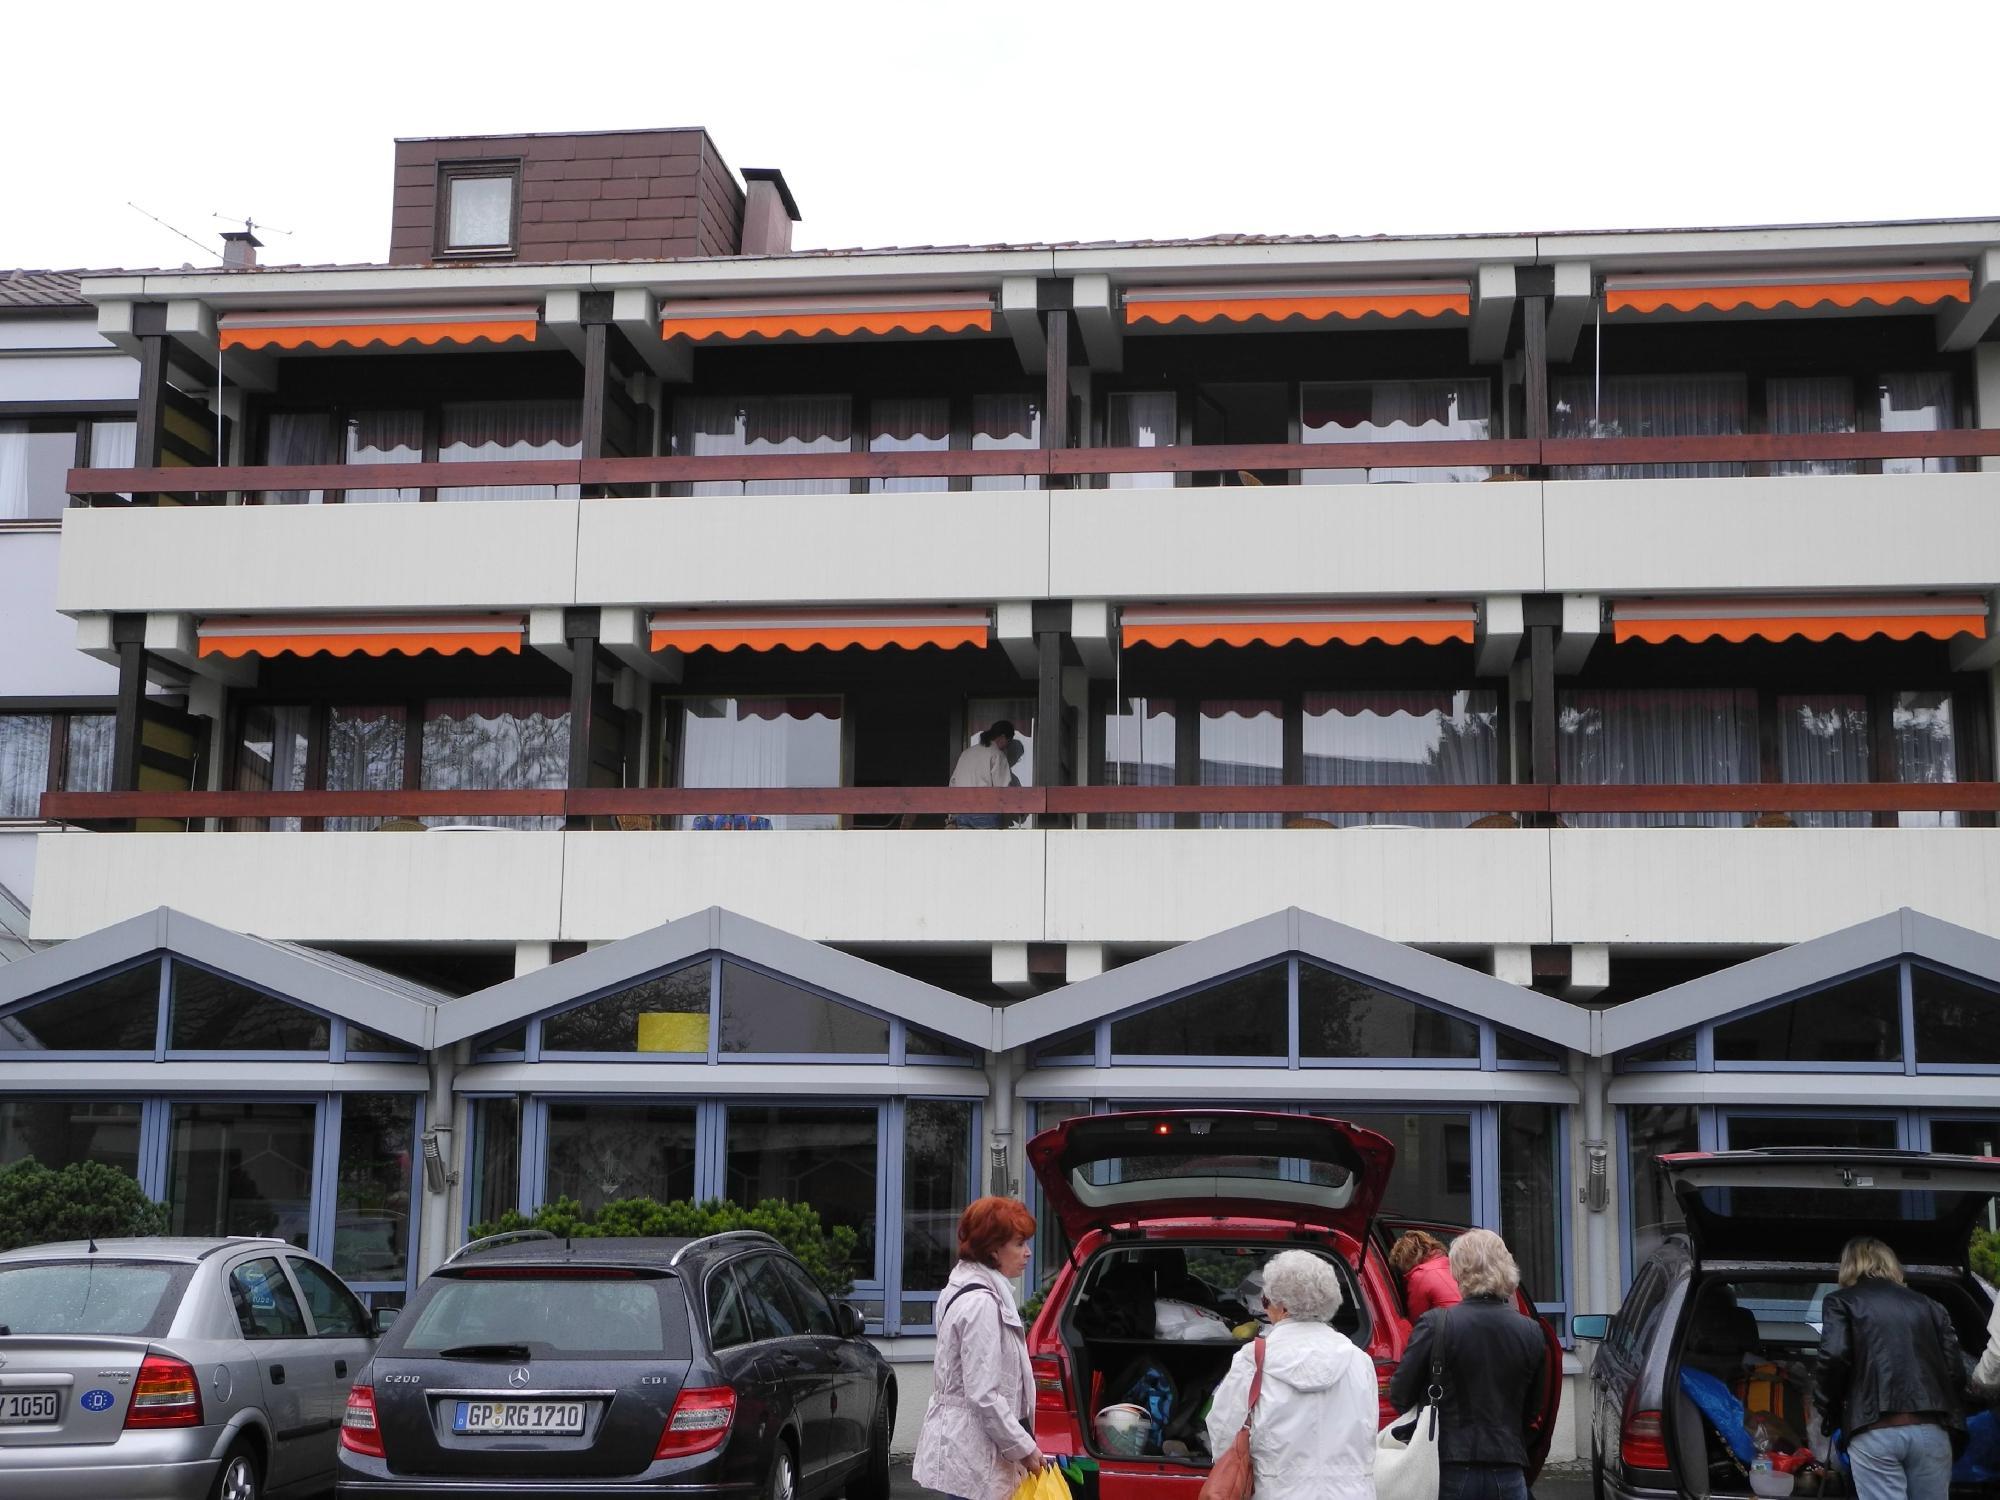 Hotel Knaus am Hafen